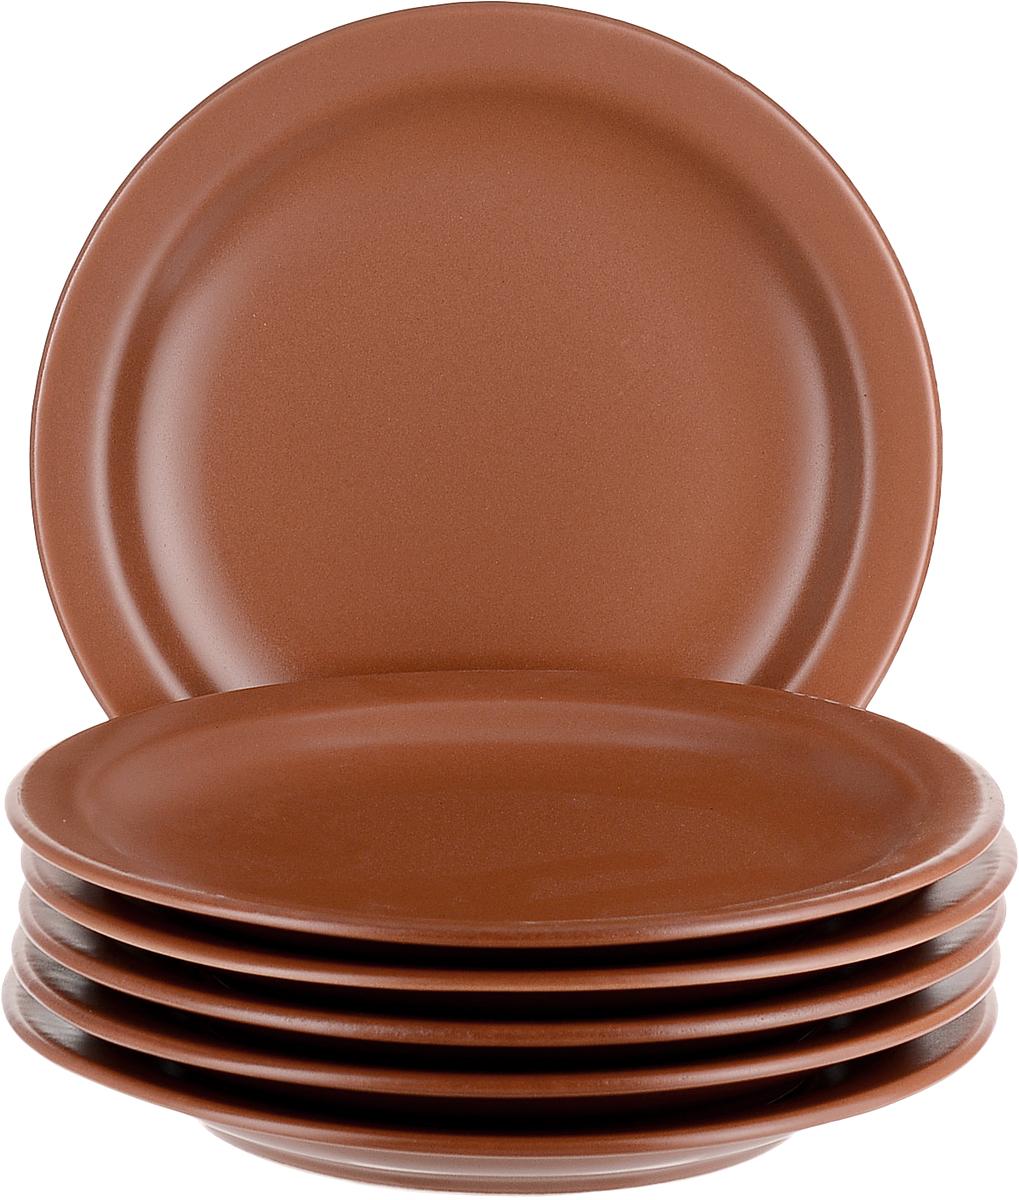 Добавьте вашему столу бразильского очарования с набором тарелок Biona. Классический терракотовый цвет украсит любой стол.  Набор включает в себя шесть обеденных тарелок.  Можно использовать в микроволновой печи и мыть в посудомоечной машине.